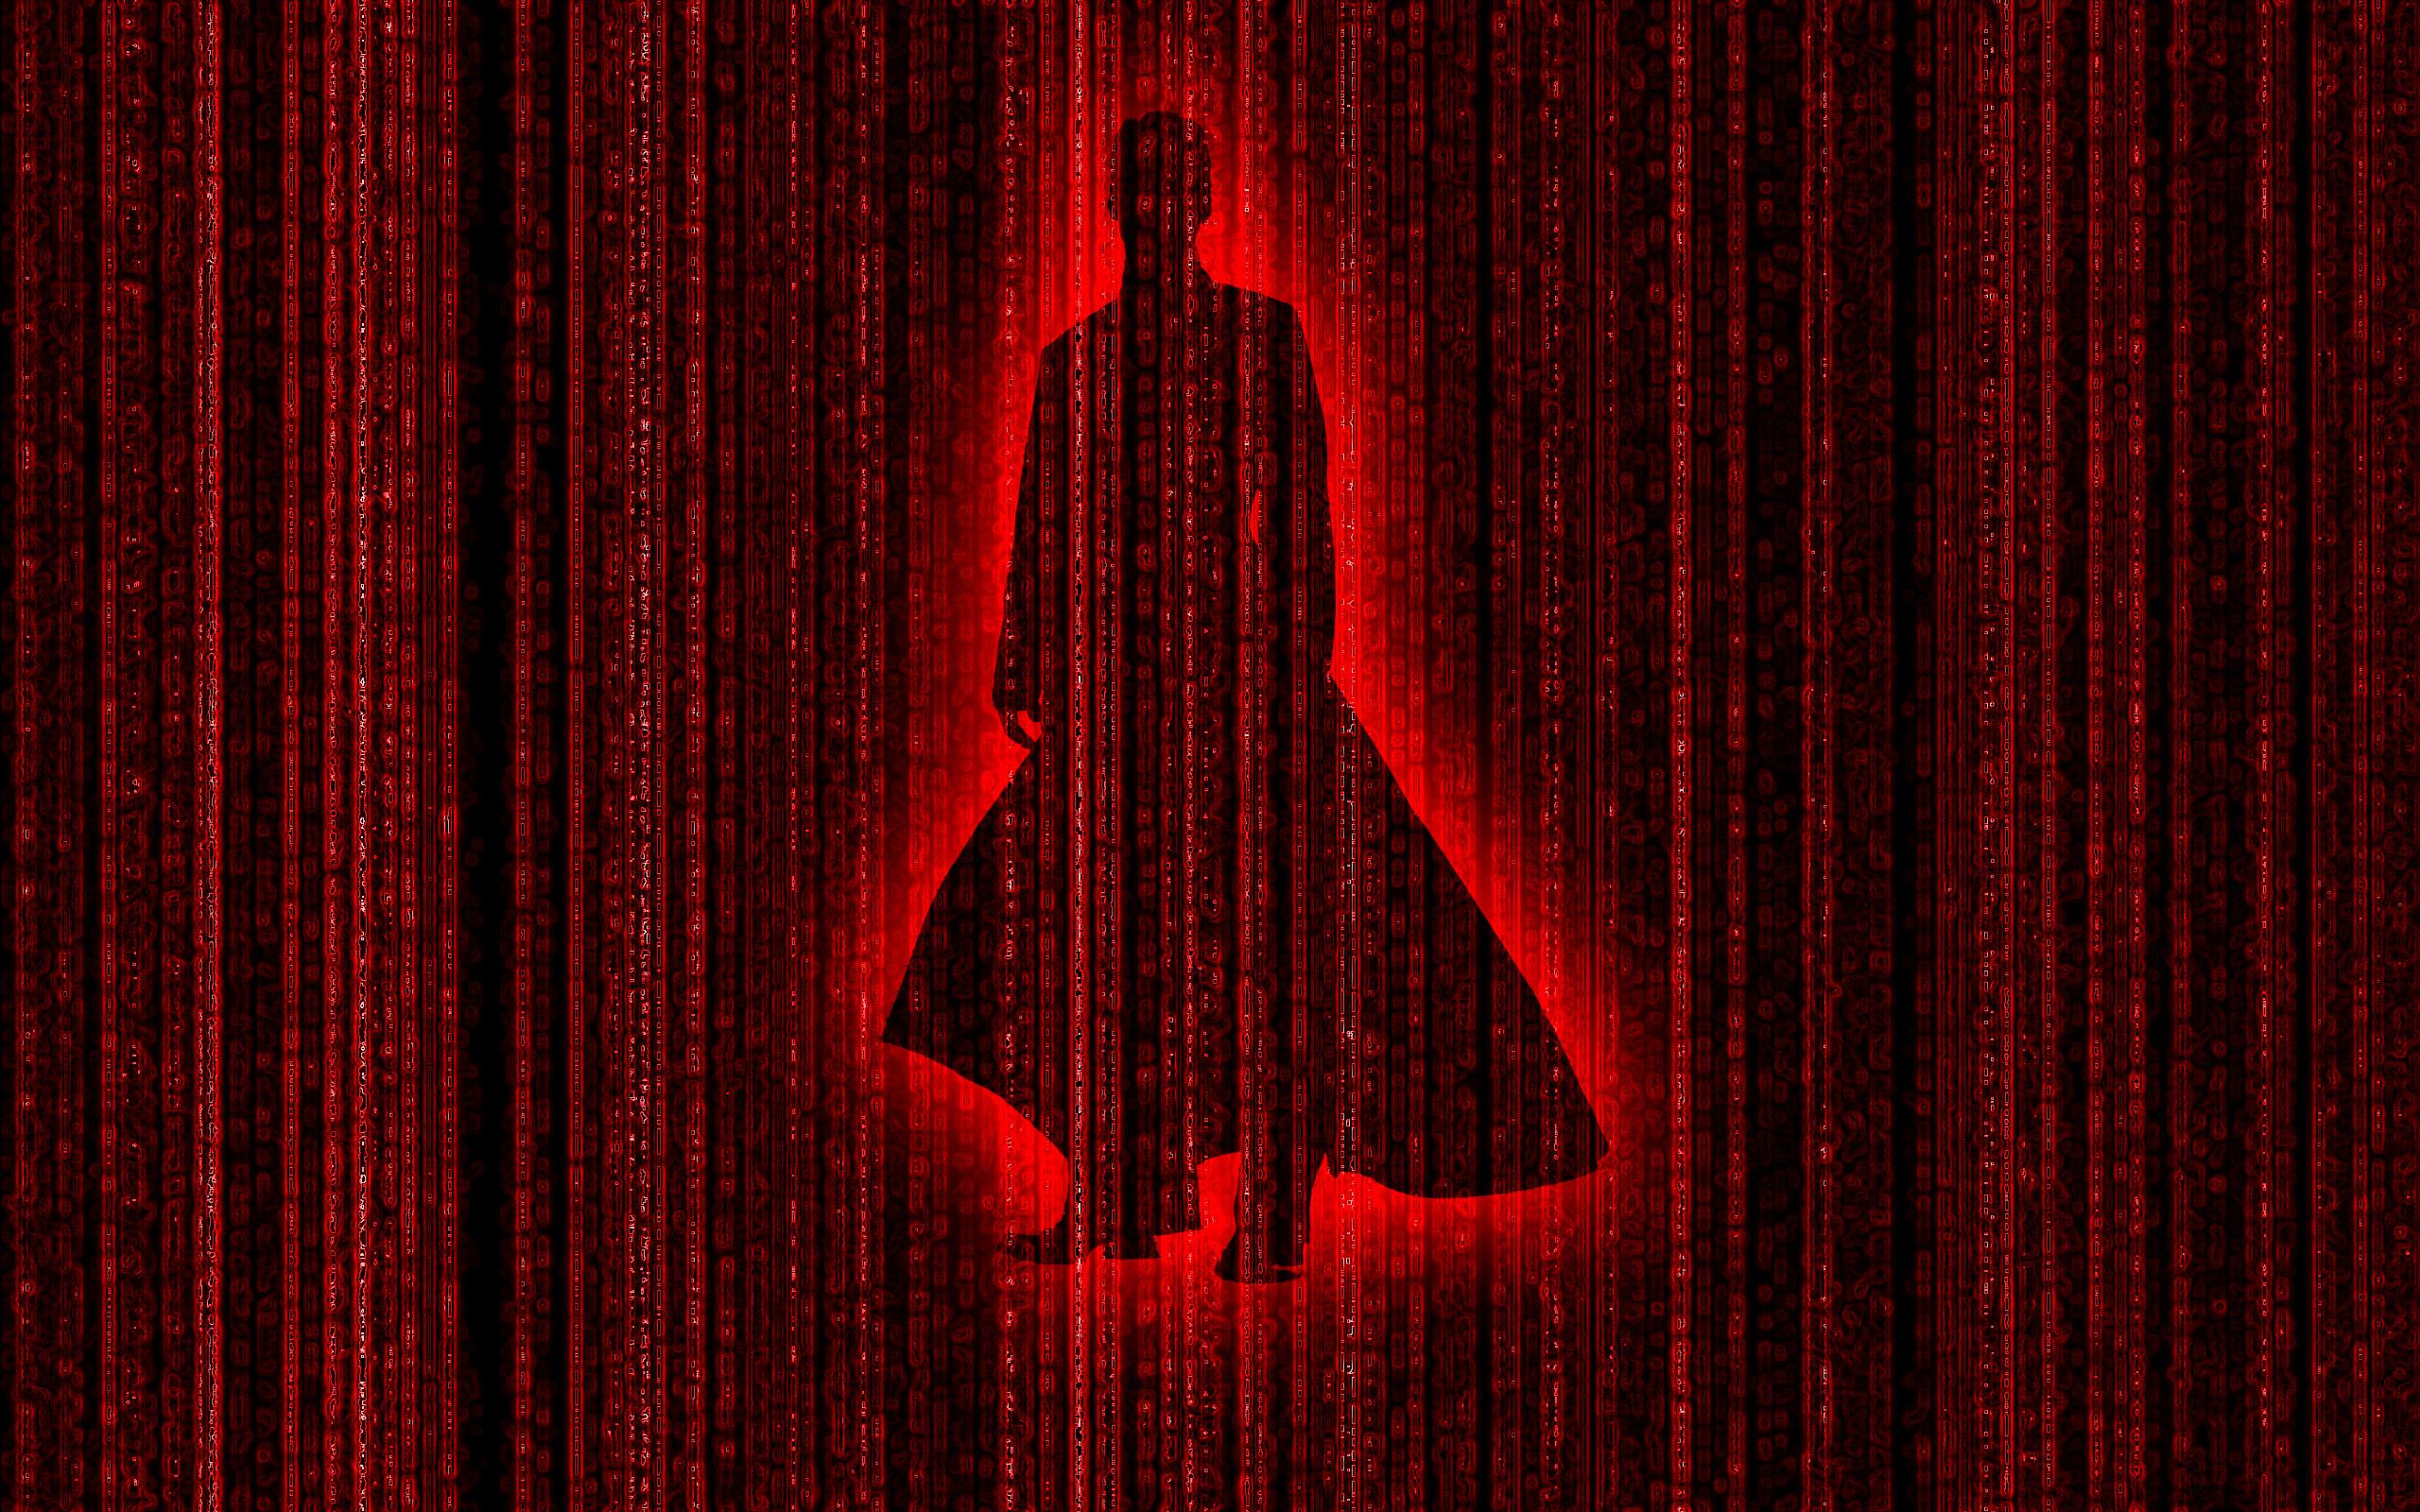 Red and Black Desktop Wallpaper - WallpaperSafari